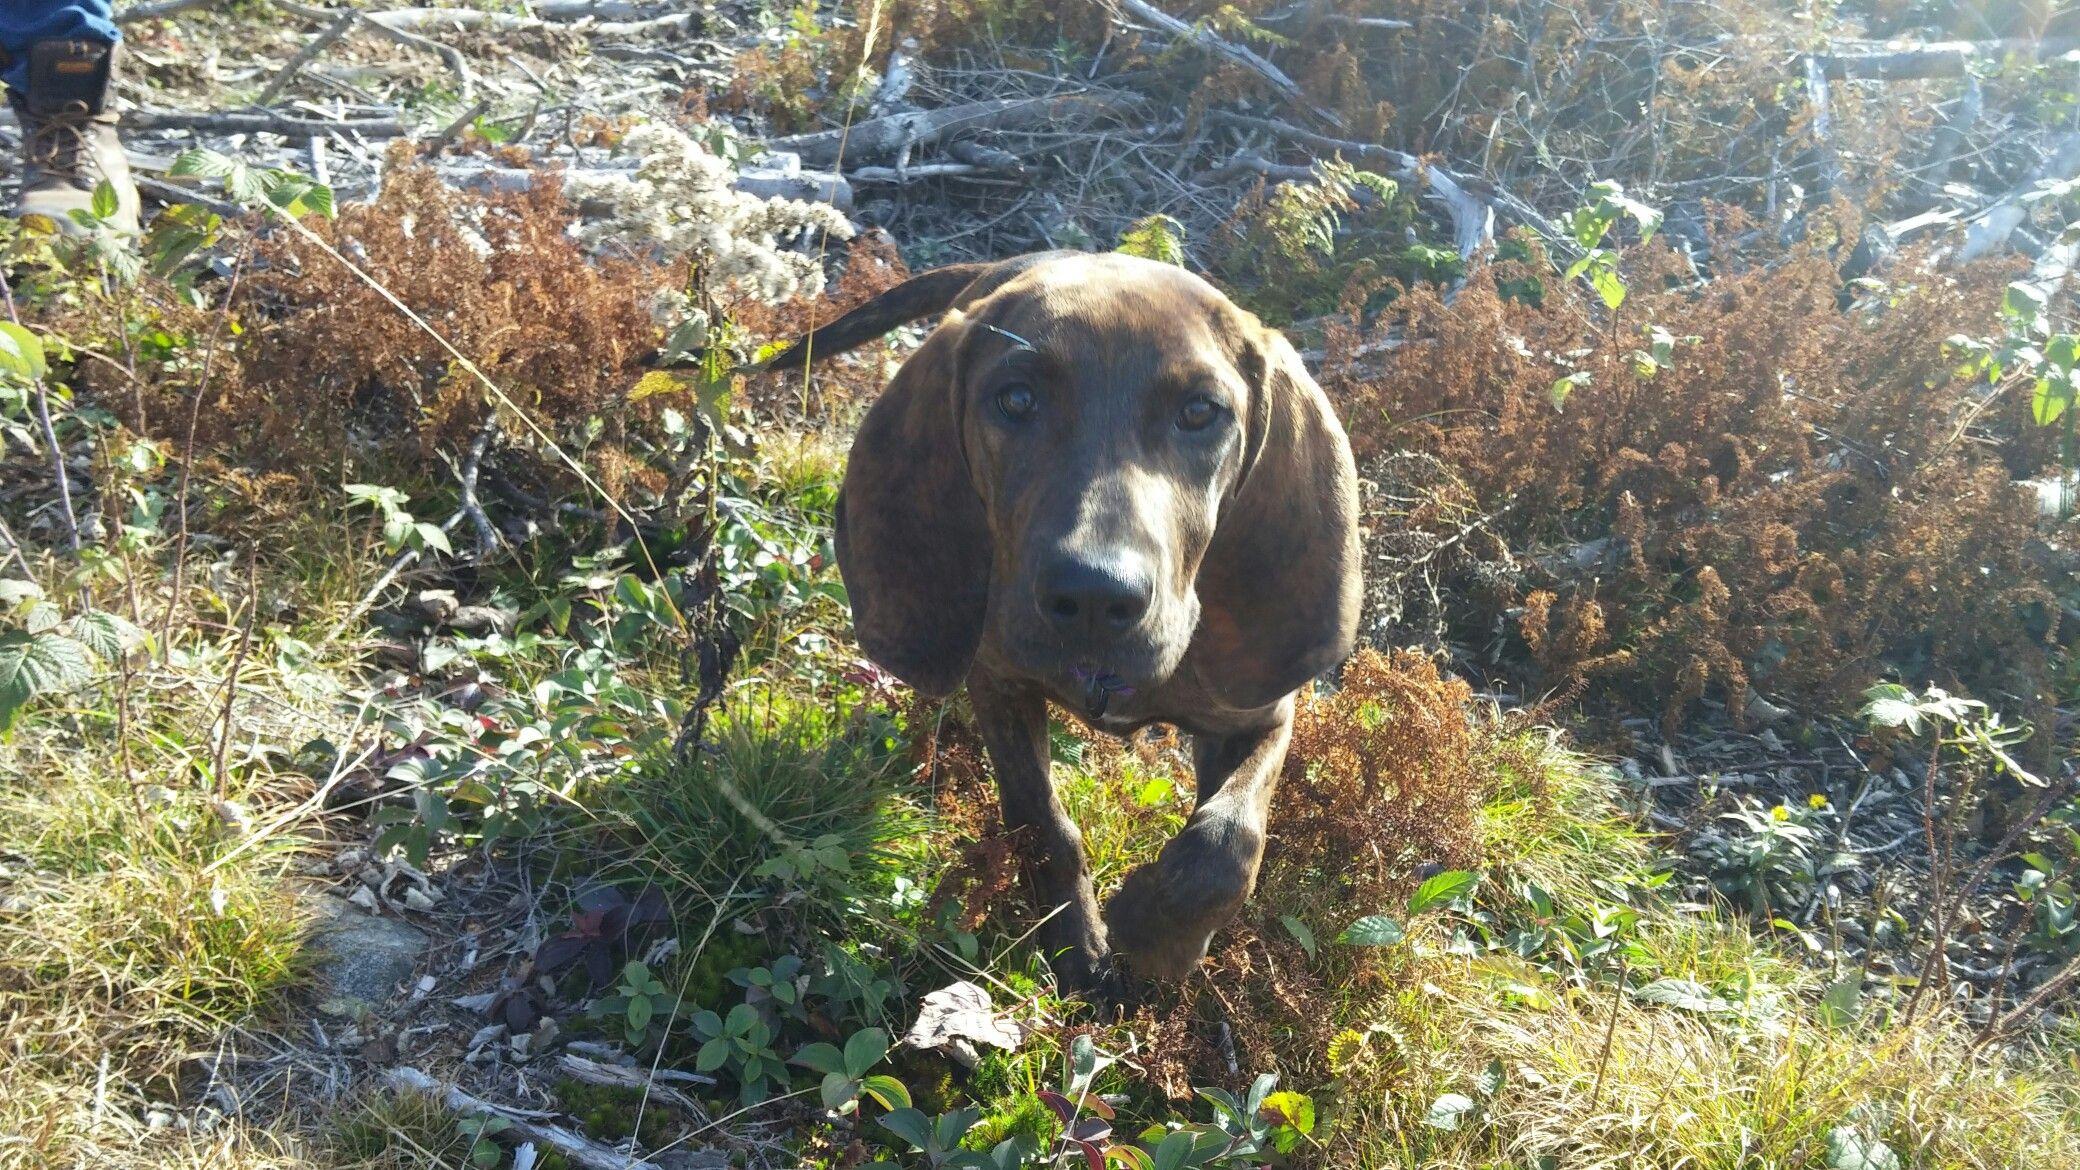 Rose 4 months old #redbone #coonhound